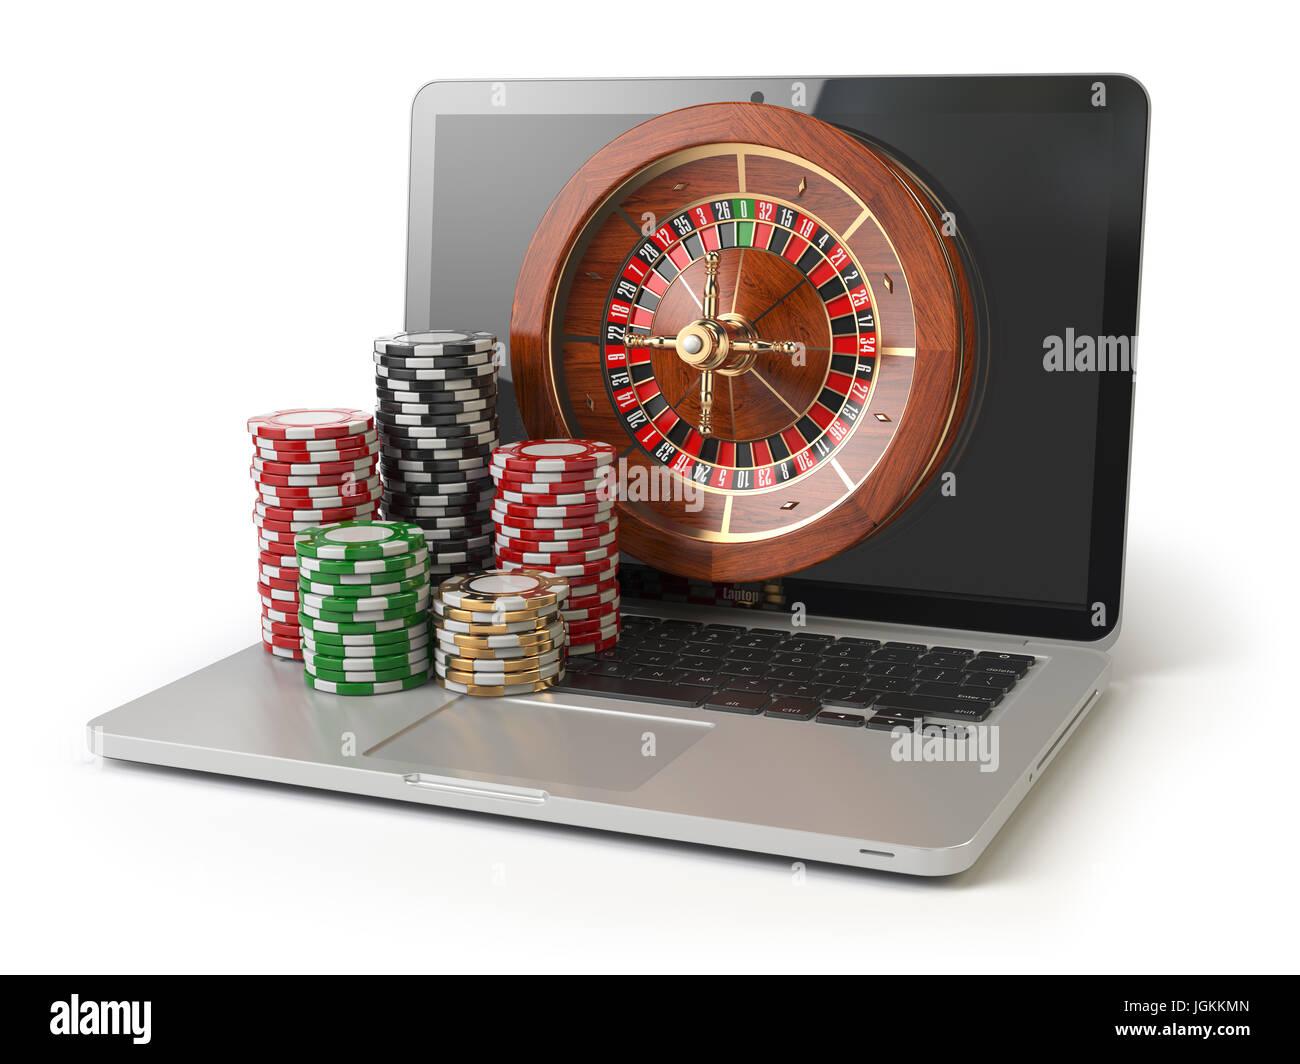 fallsview casino new slots